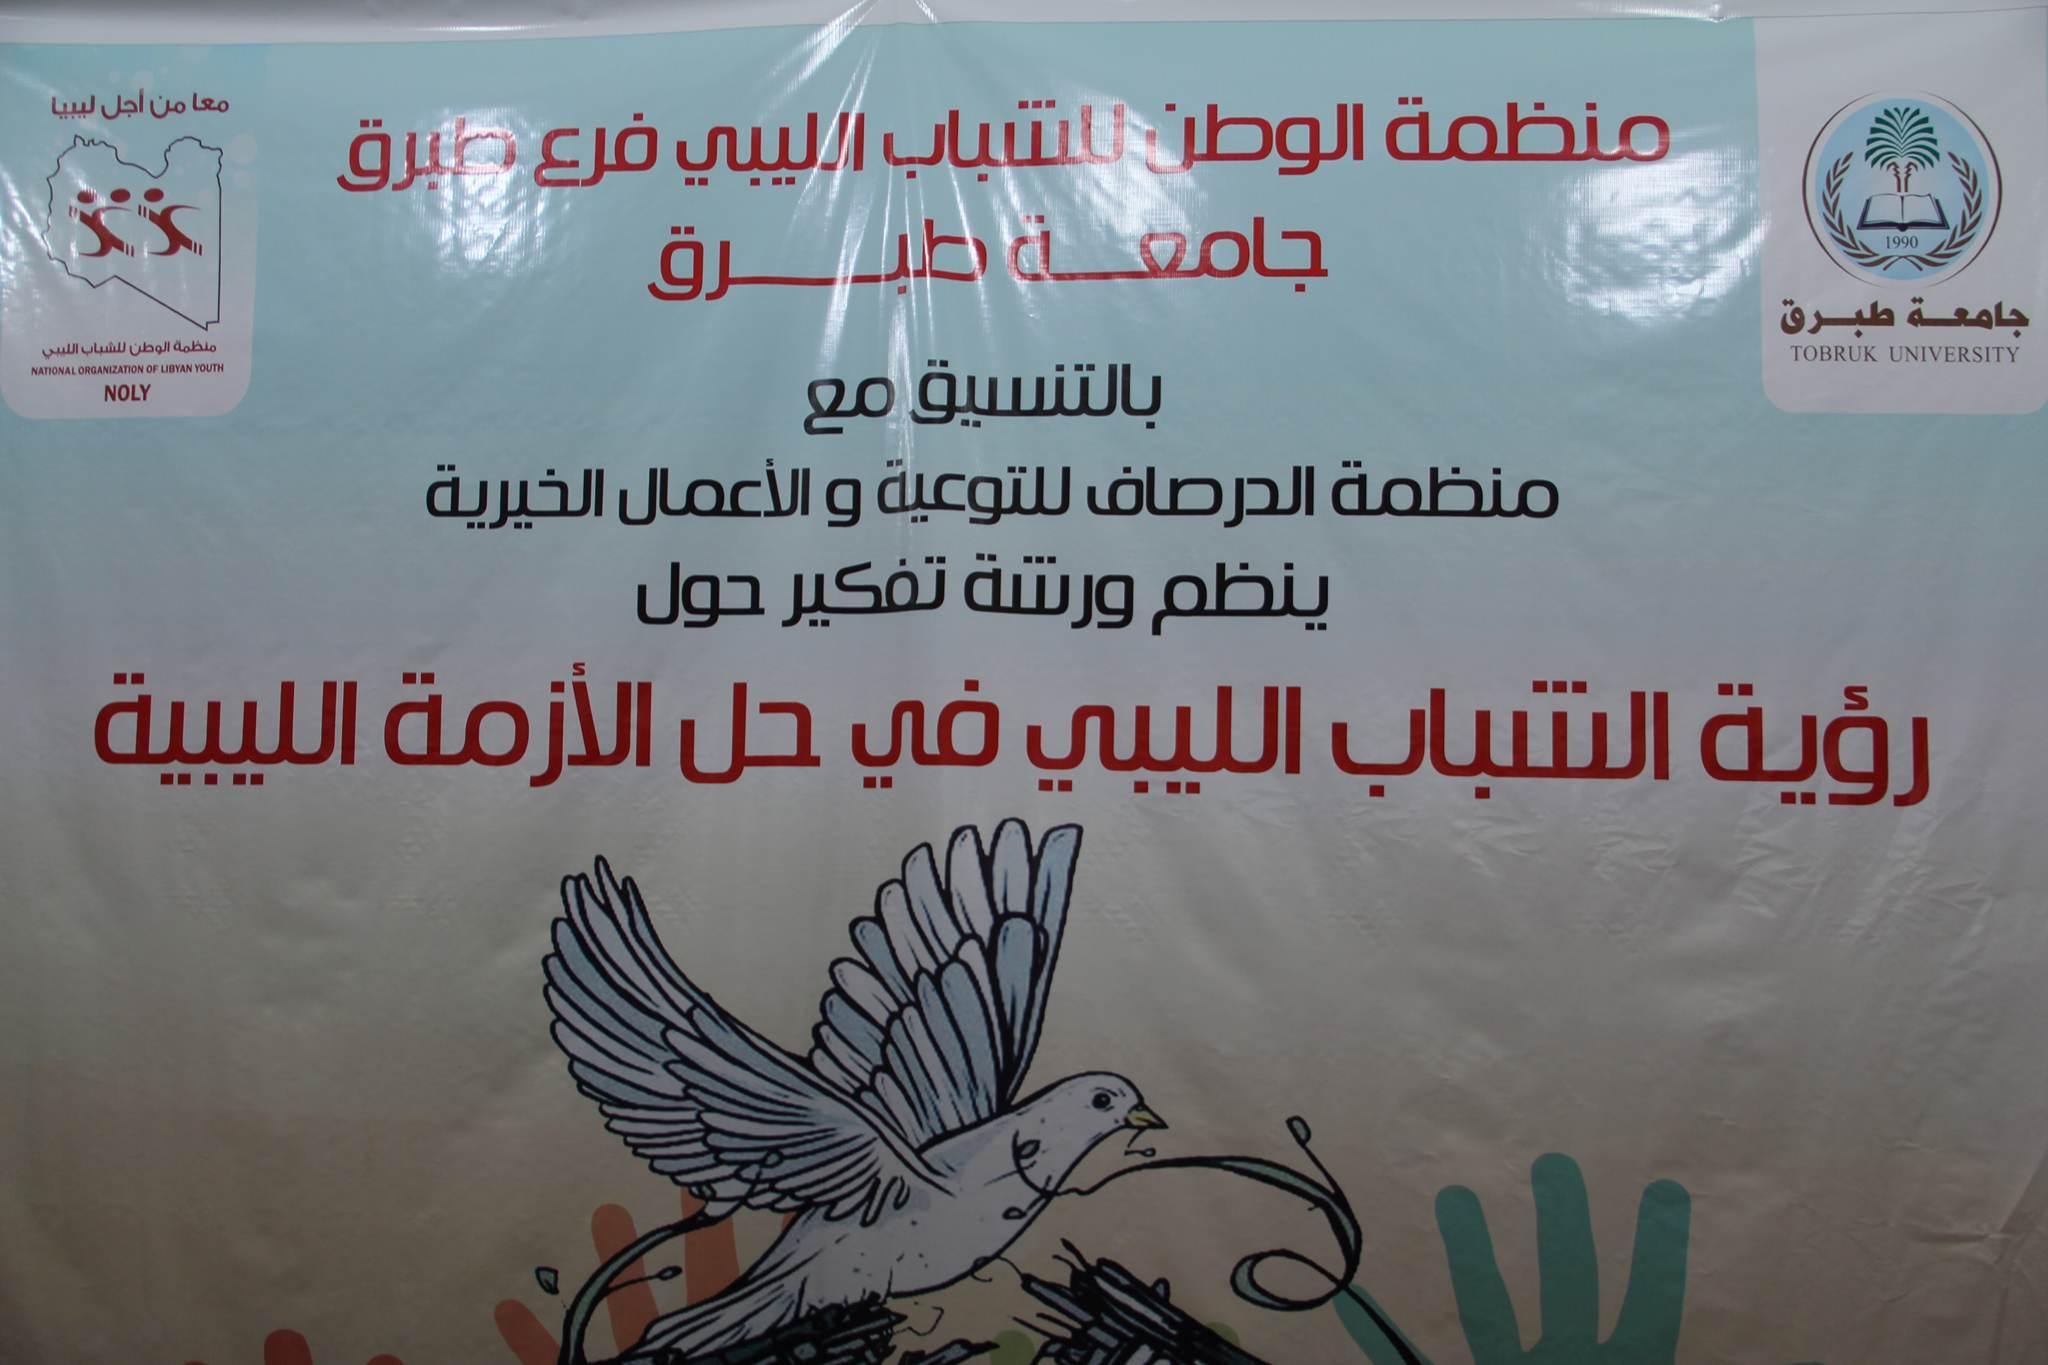 منظمة الوطن للشباب